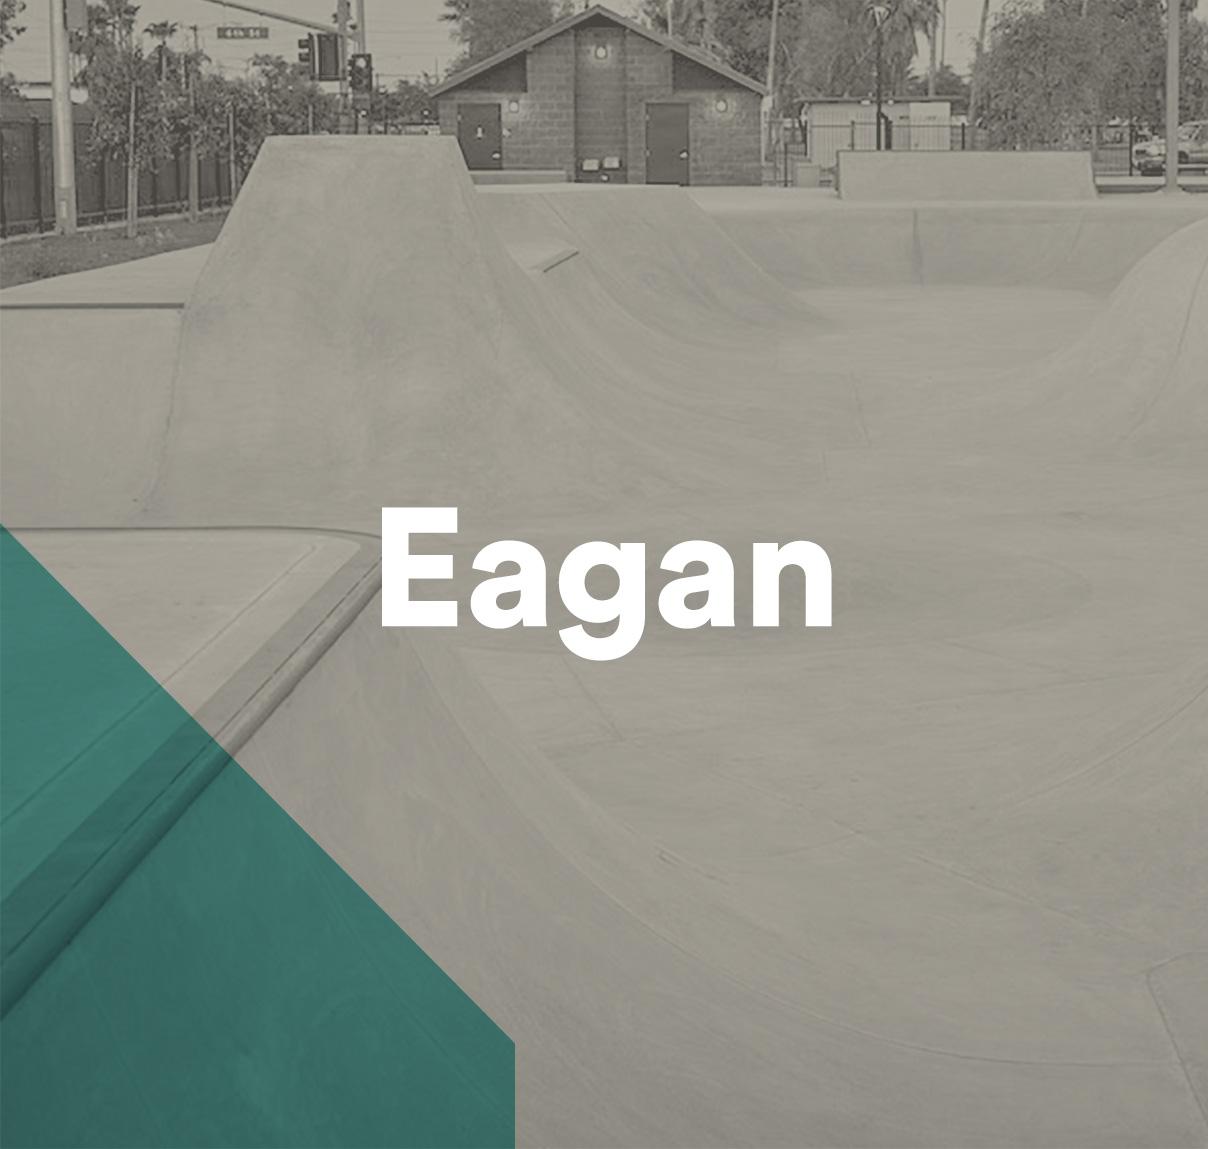 projects_thumbs_eagan.jpg